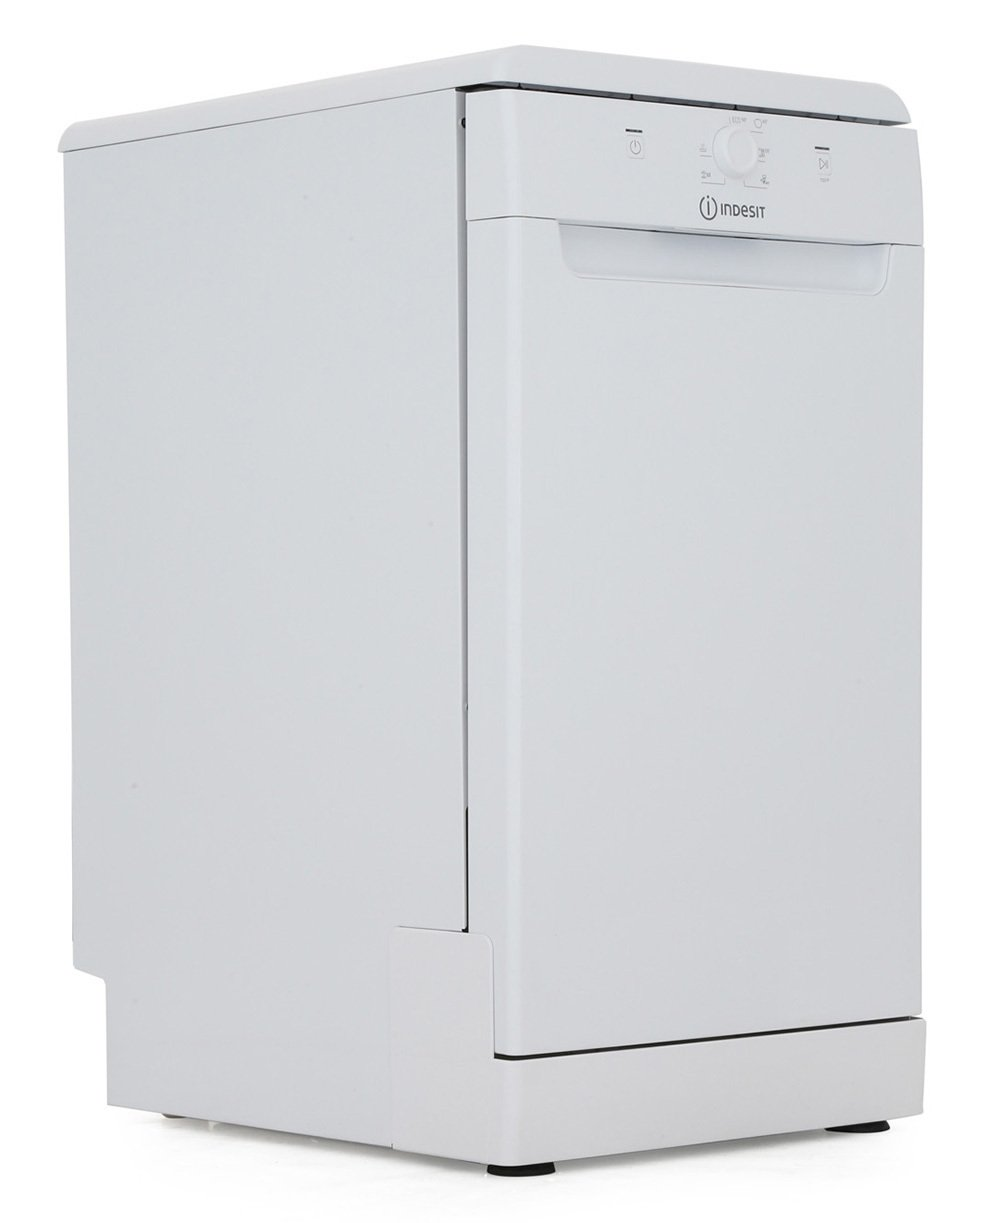 Buy Indesit Dsfe1b10 Slimline Dishwasher White Marks Electrical